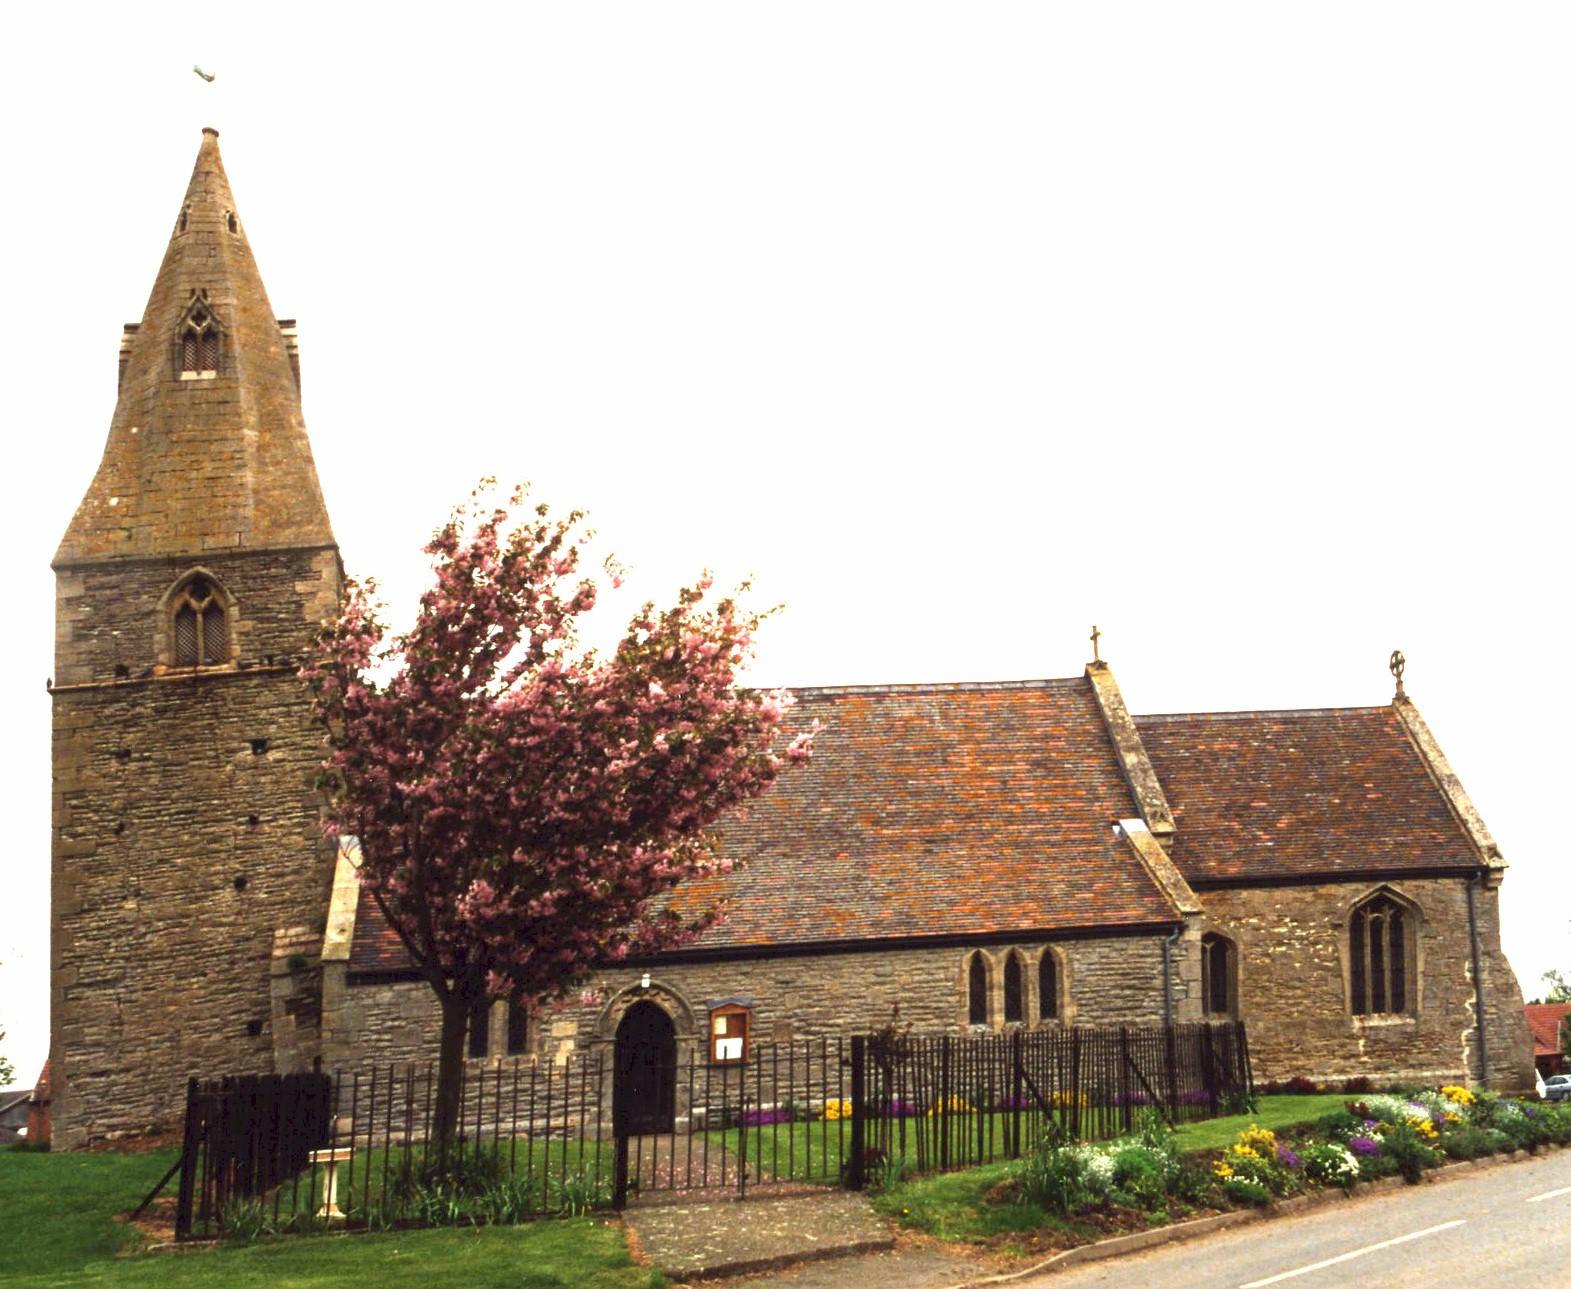 Dry Doddington Saint James church